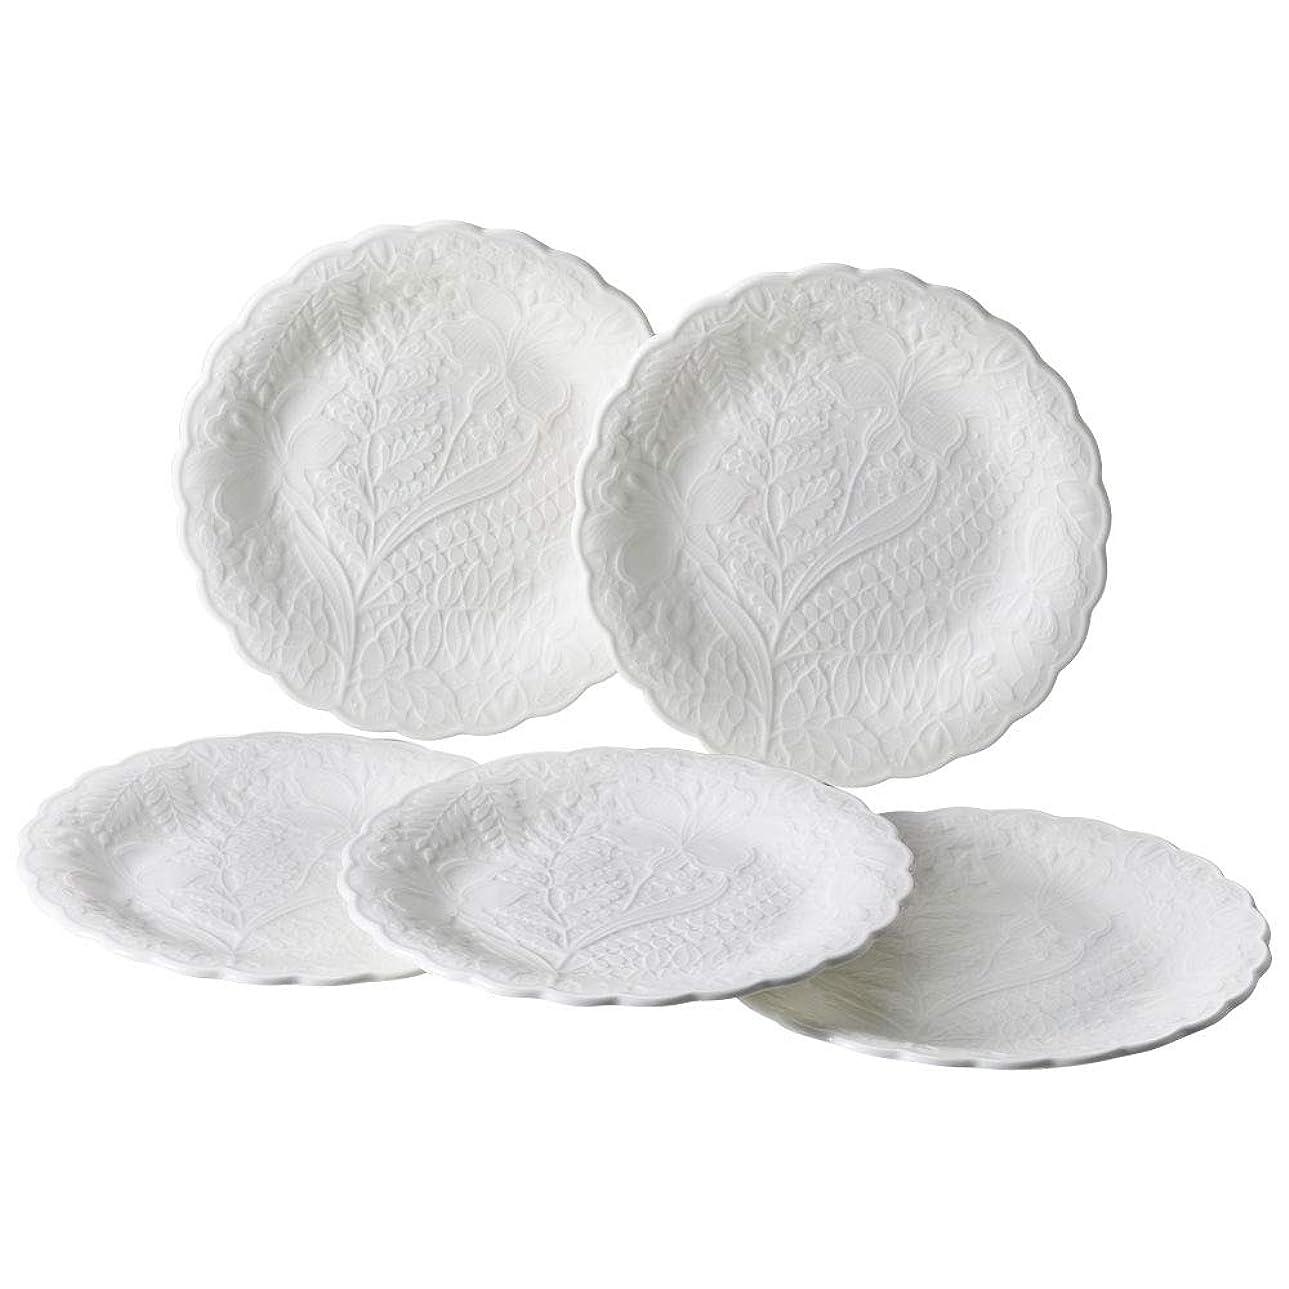 彼のカテゴリー仲人NARUMI(ナルミ) プレート 皿 セット ホニトン?レース ホワイト 17cm 5枚セット 電子レンジ温め 食洗機対応 51952-23177